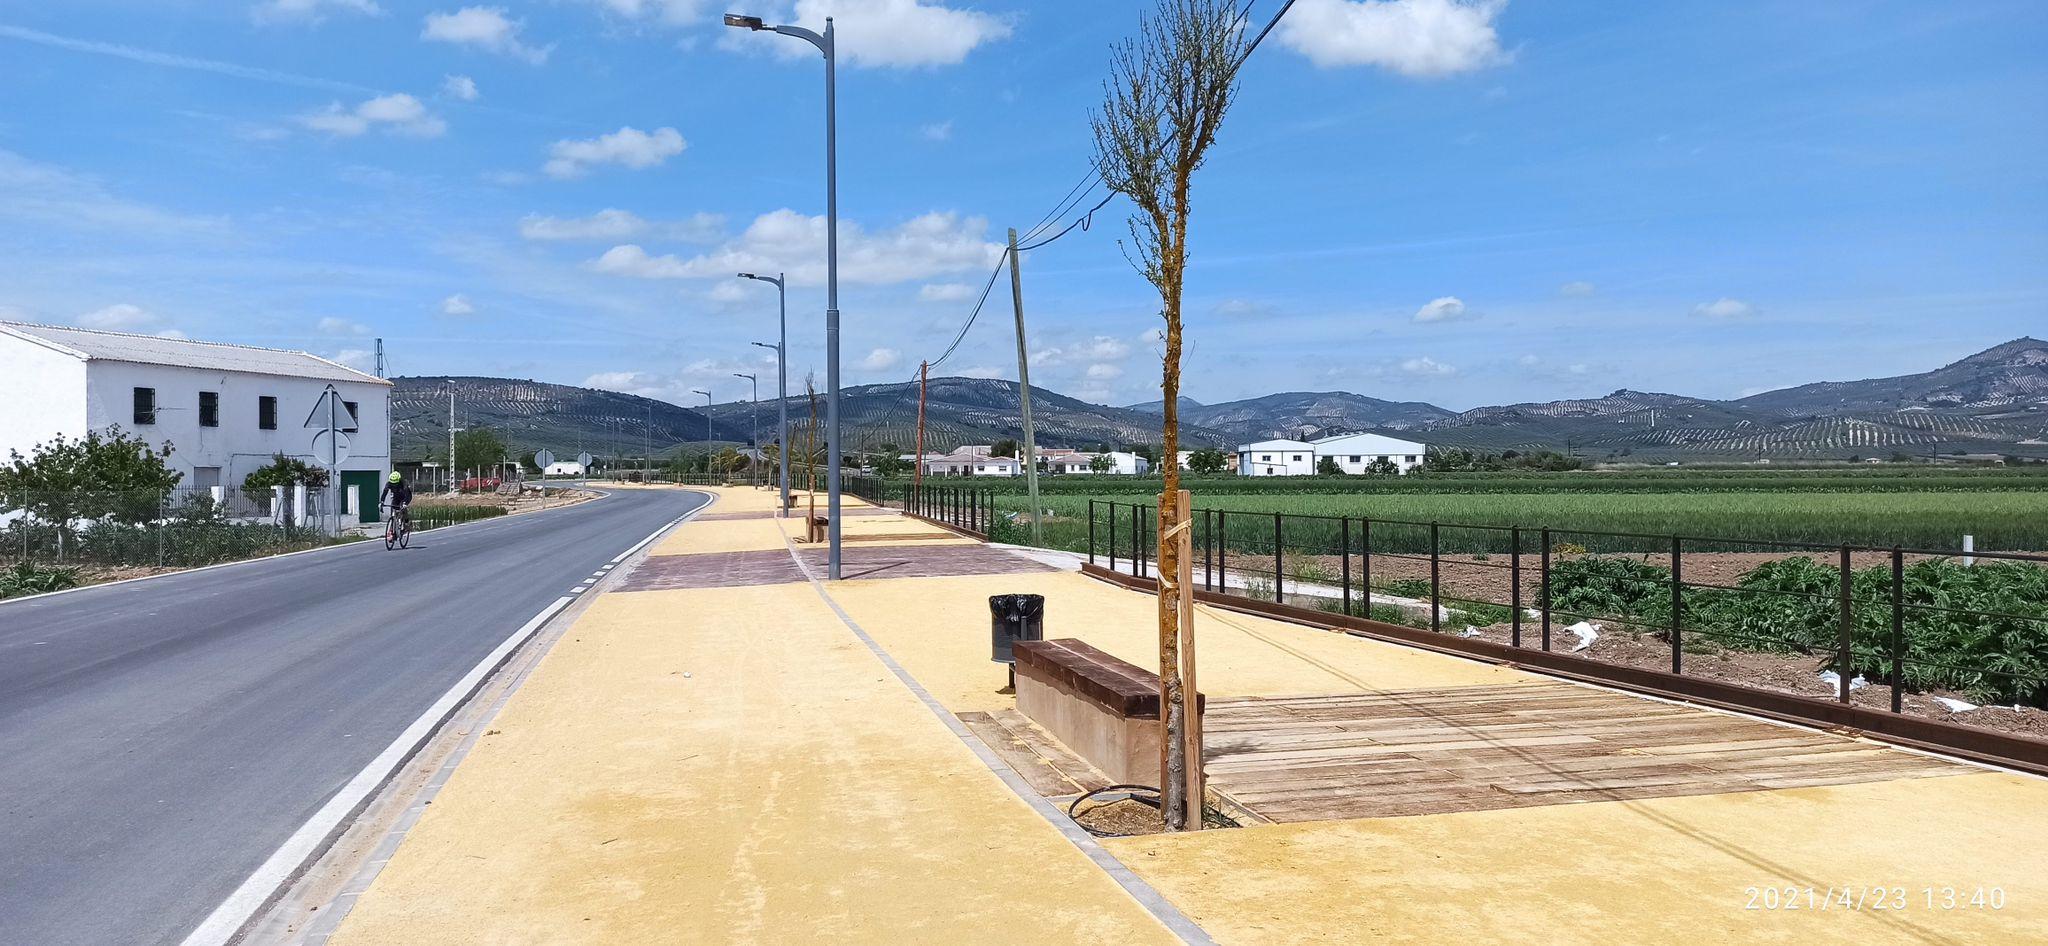 Concluye la reforma del Paseo de la Estación de Huétor Tájar, con mas espacio para peatones y bicis